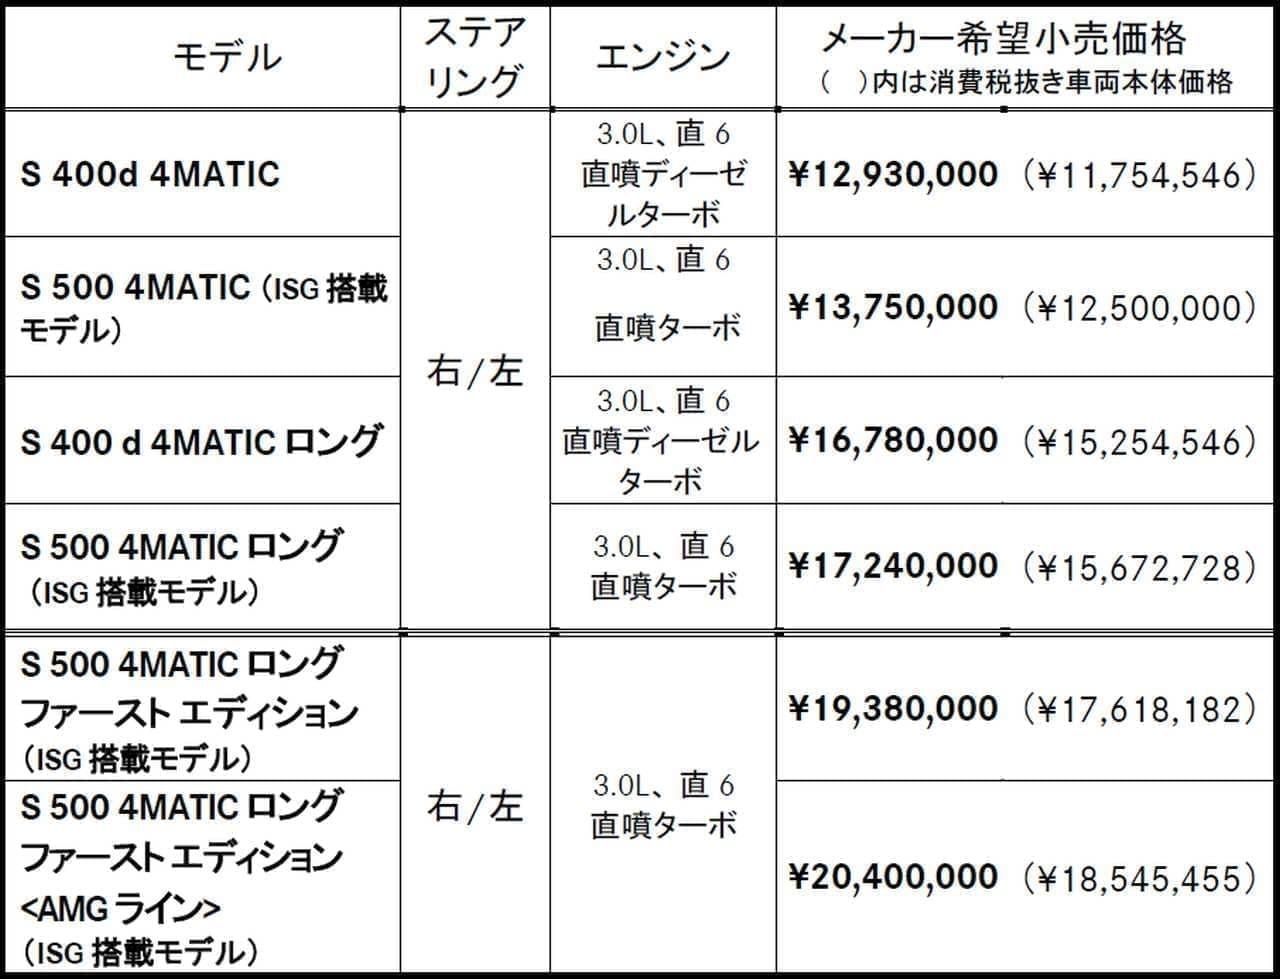 8年ぶりのフルモデルチェンジ!メルセデス・ベンツ新型「Sクラス」発売